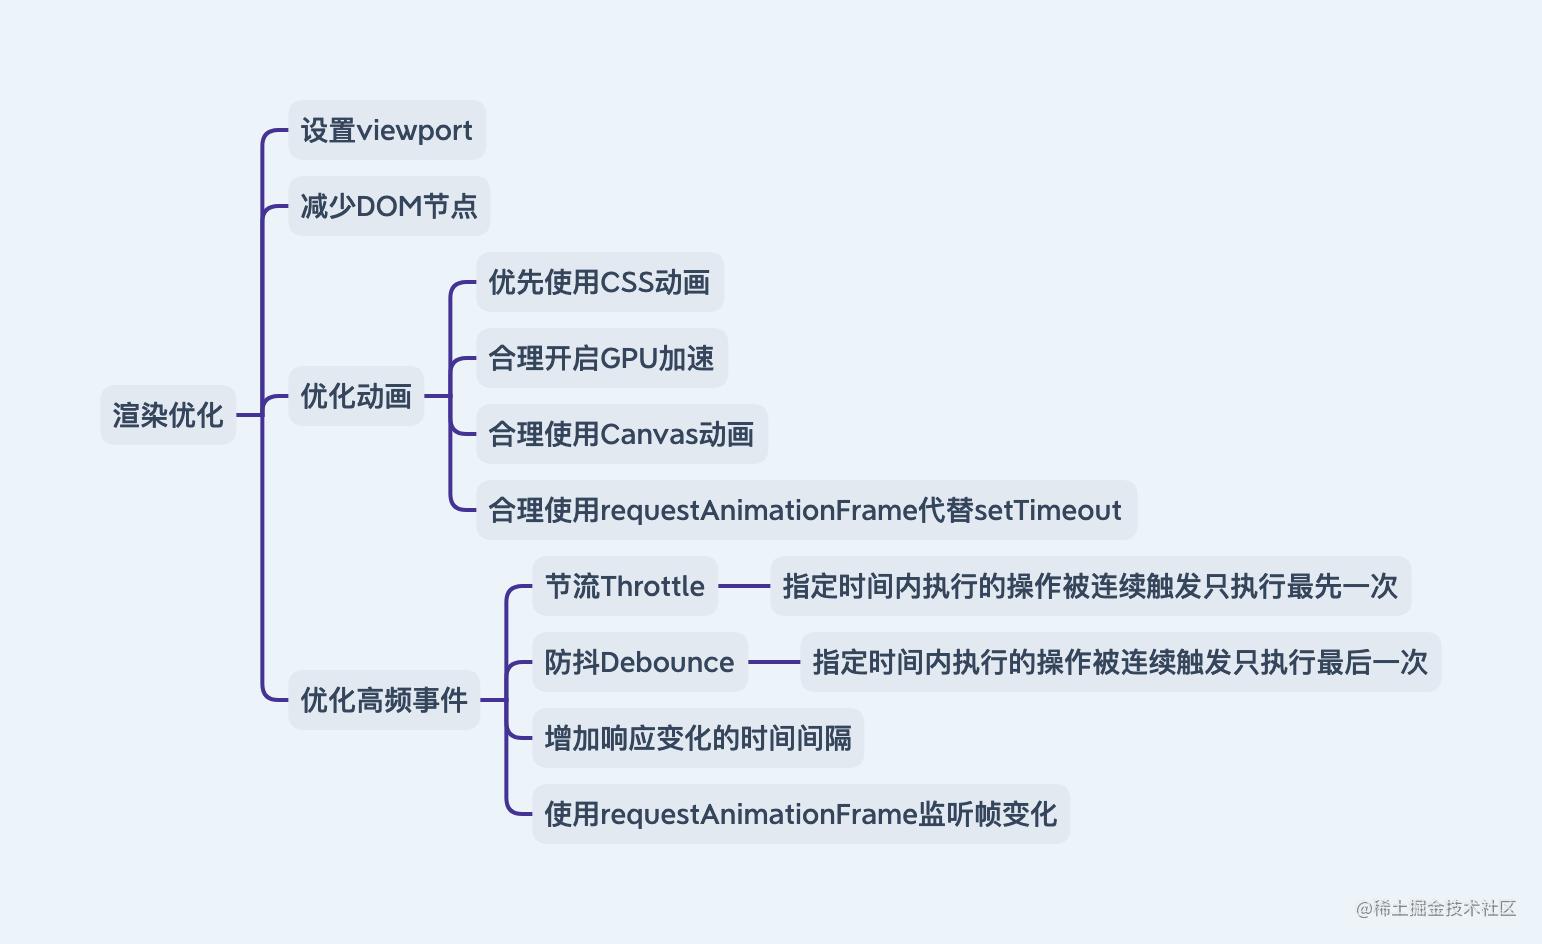 六大指标-渲染优化.png